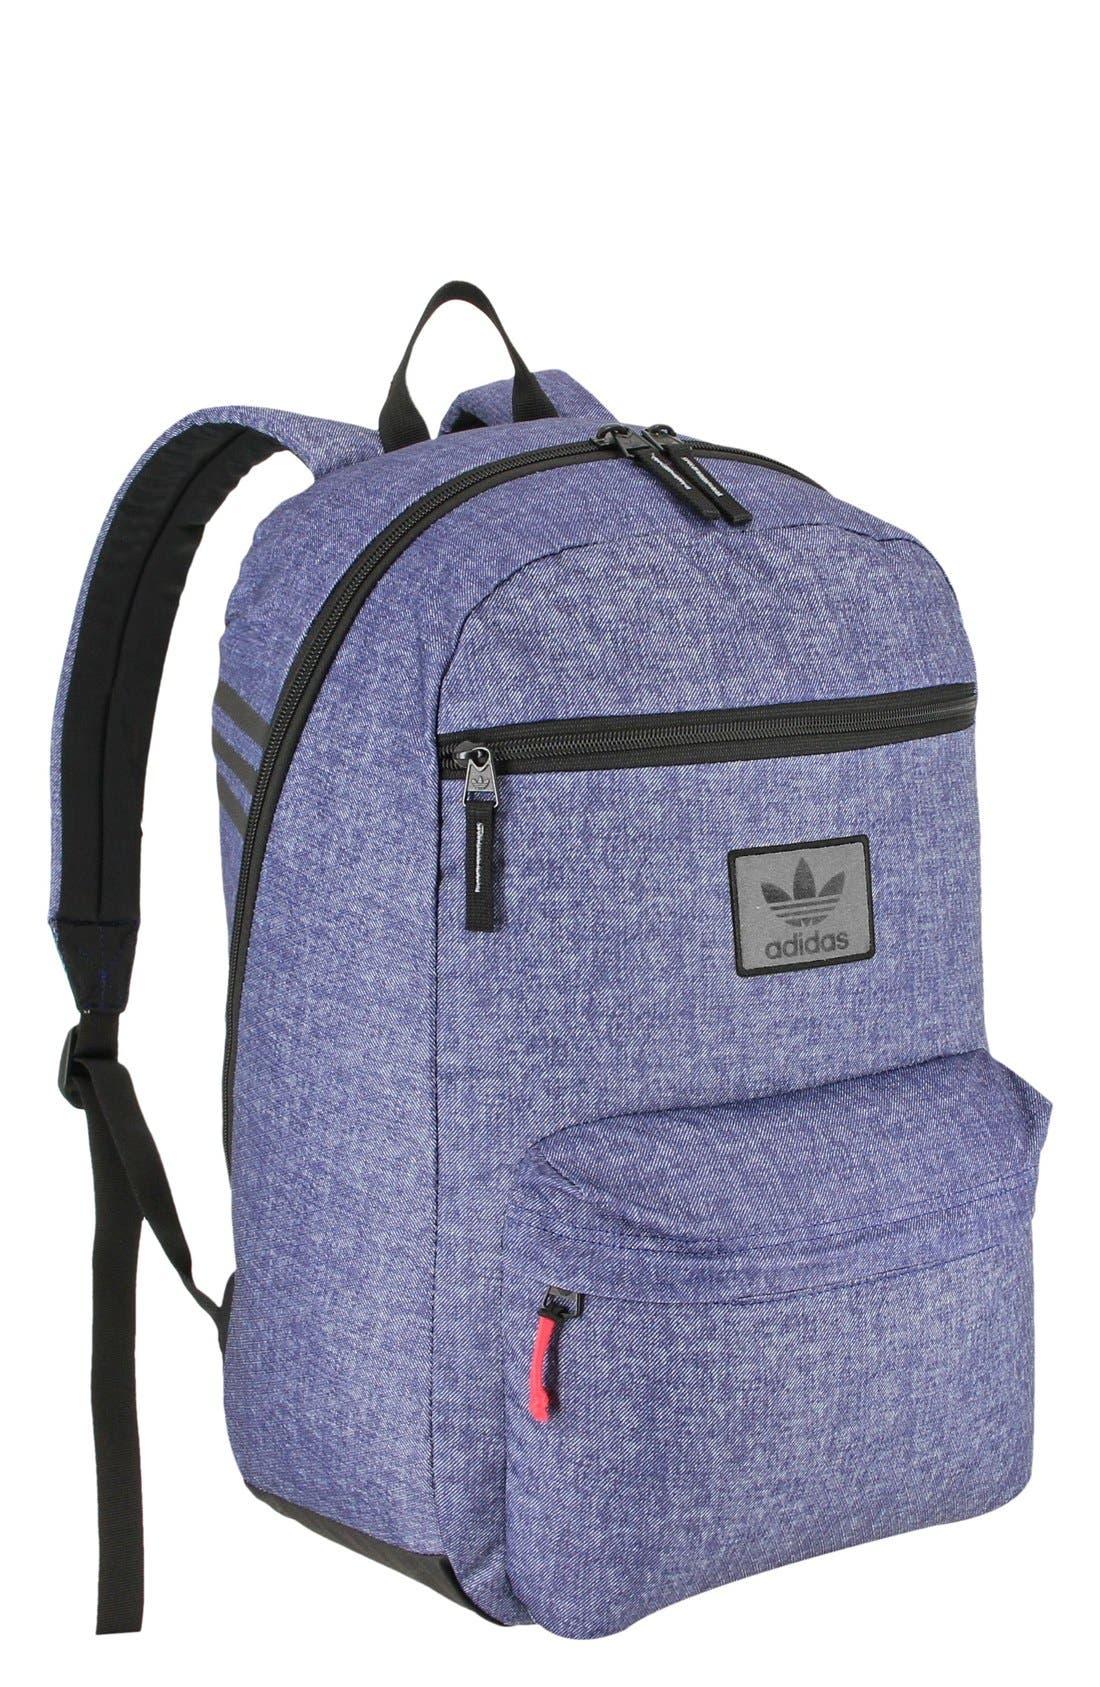 Main Image - adidas Originals 'National' Backpack